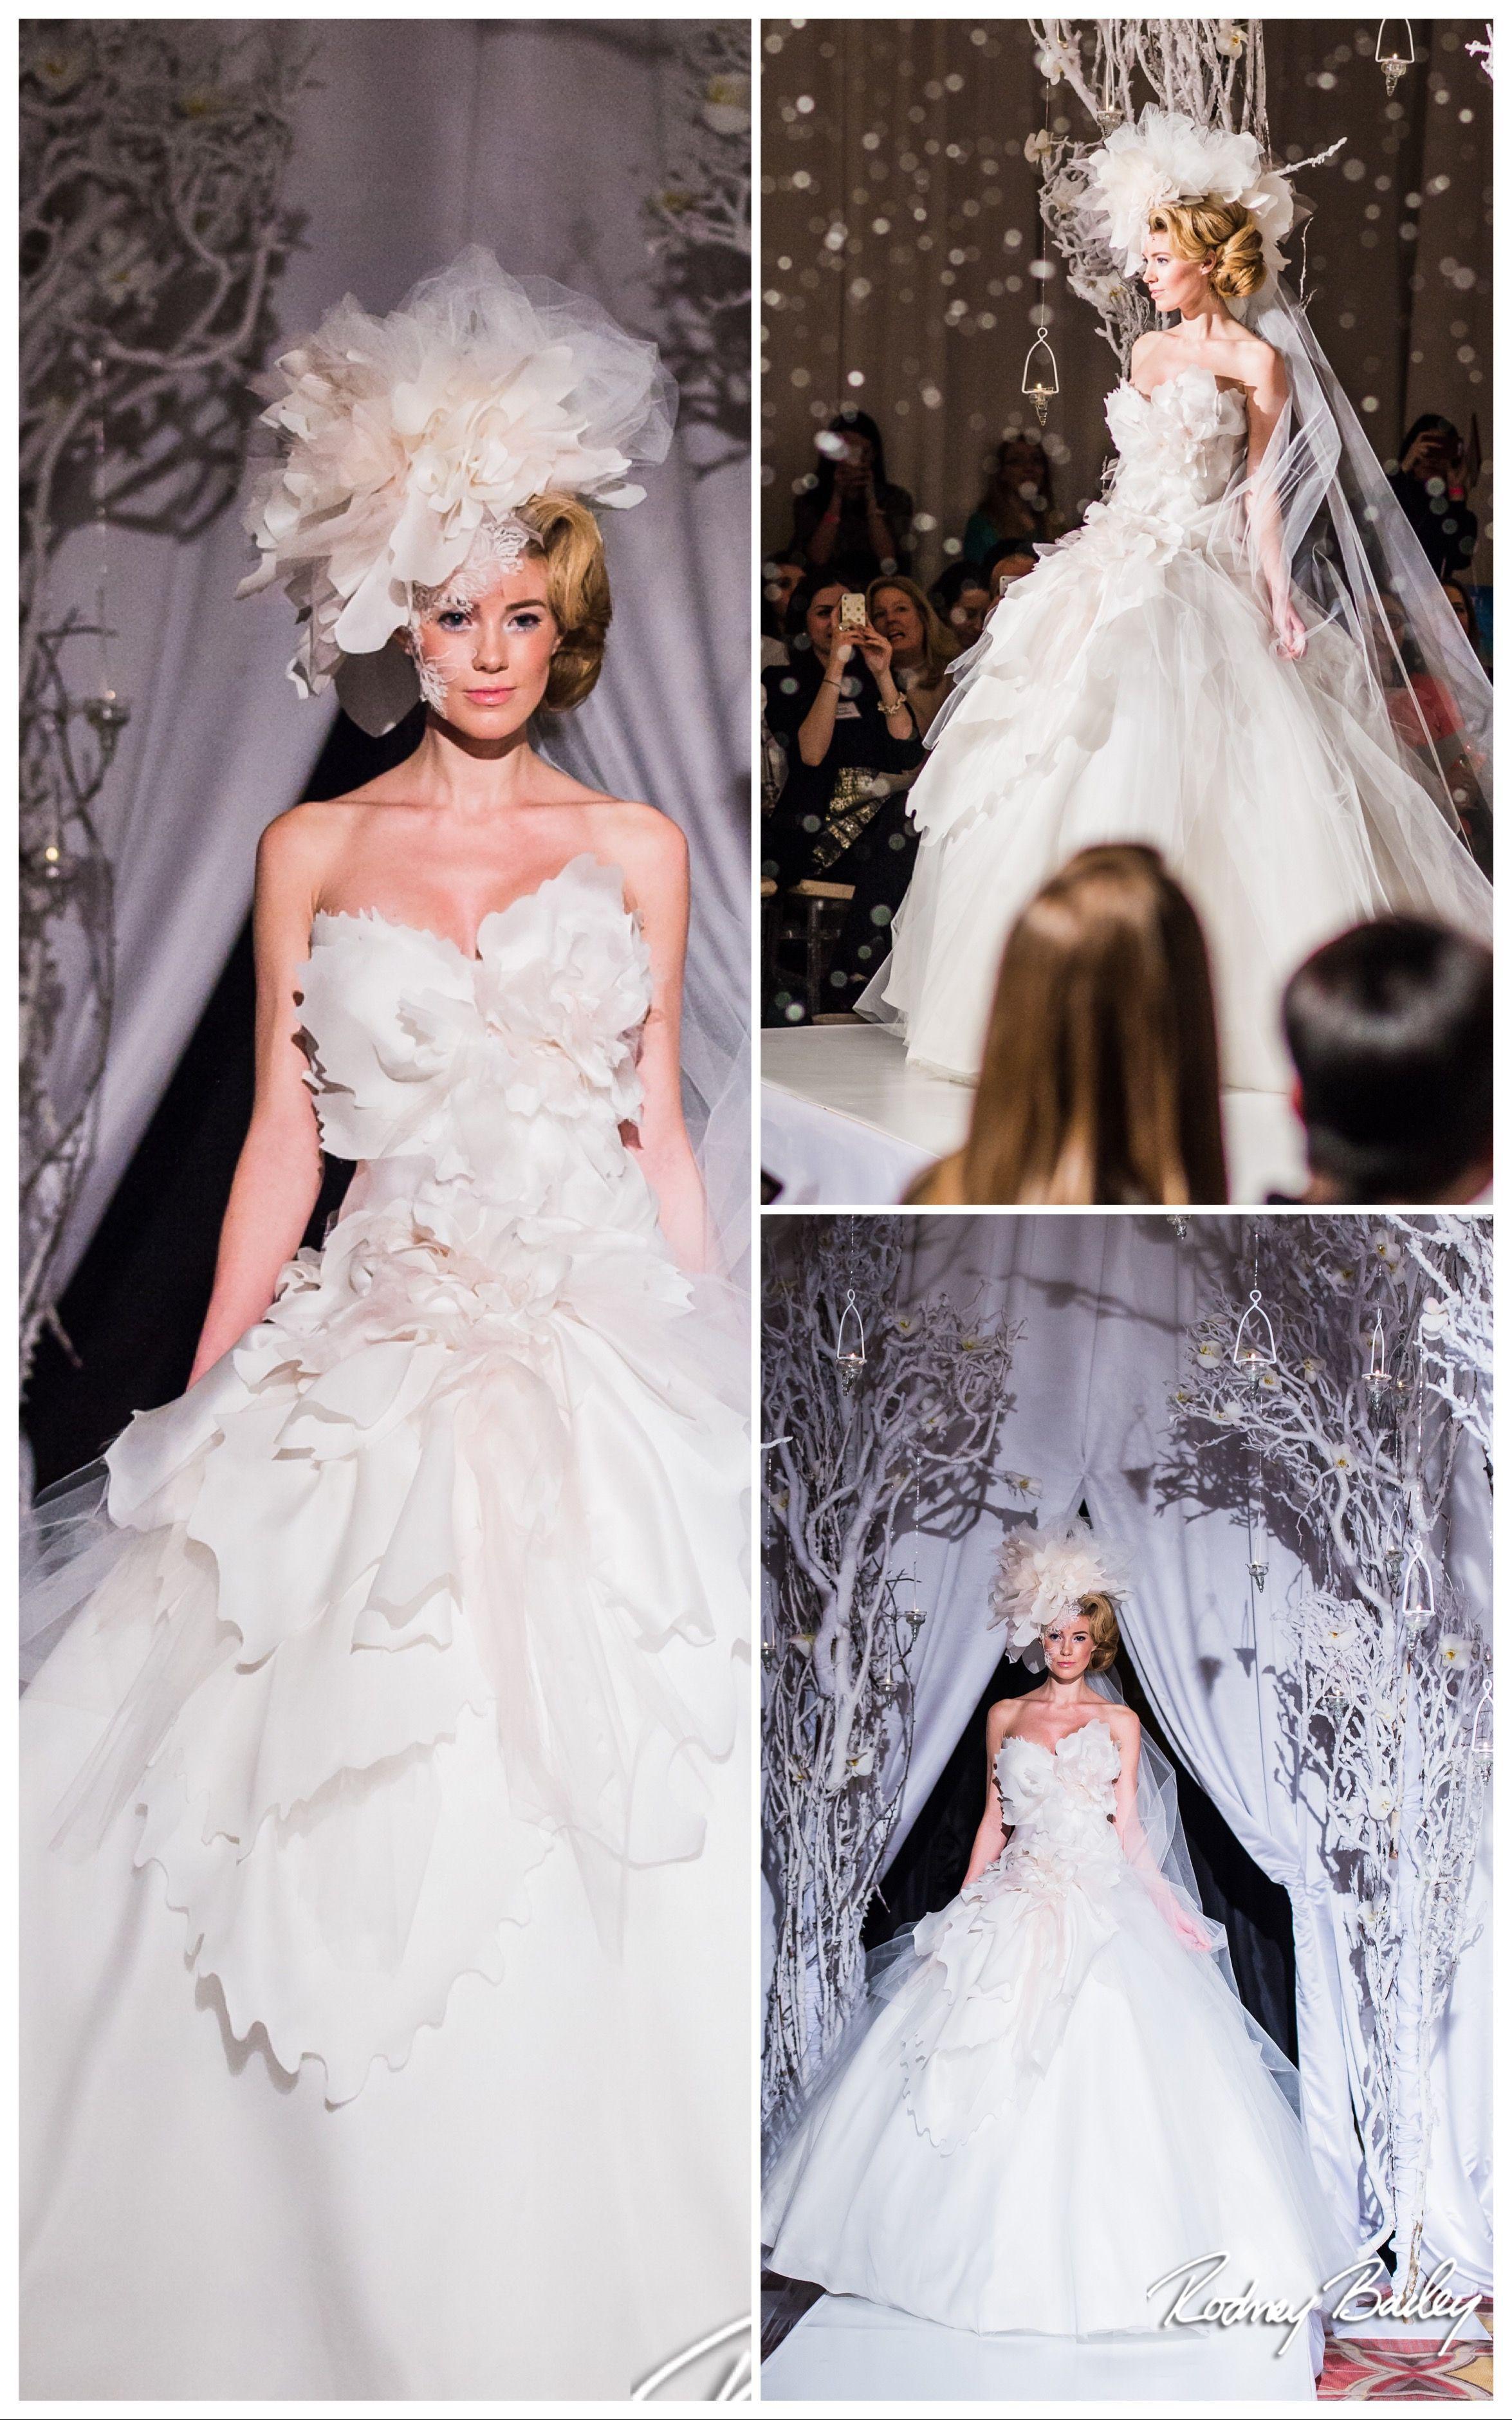 Wedding Dresses | Wedding Gowns | Dress | Fashion | DC Wedding ...